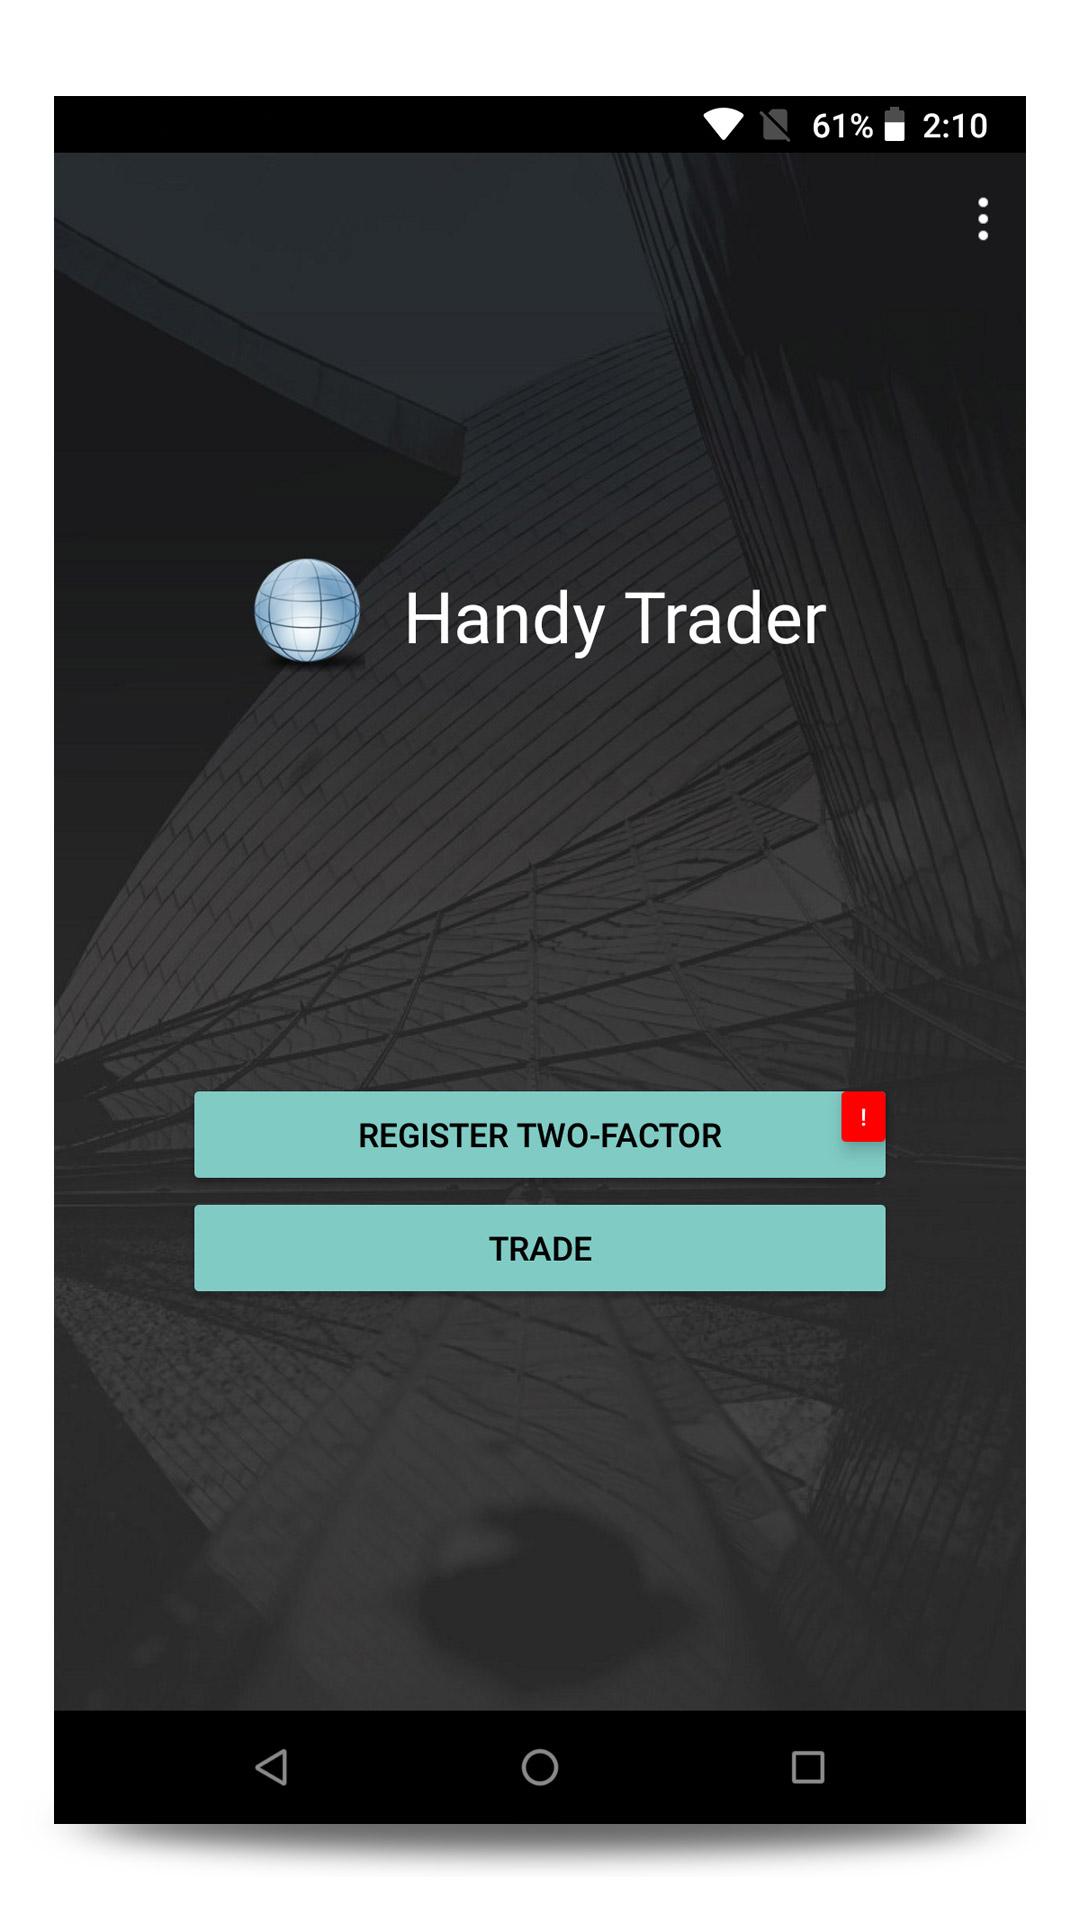 Handy Trader Y Handydsa Para Android